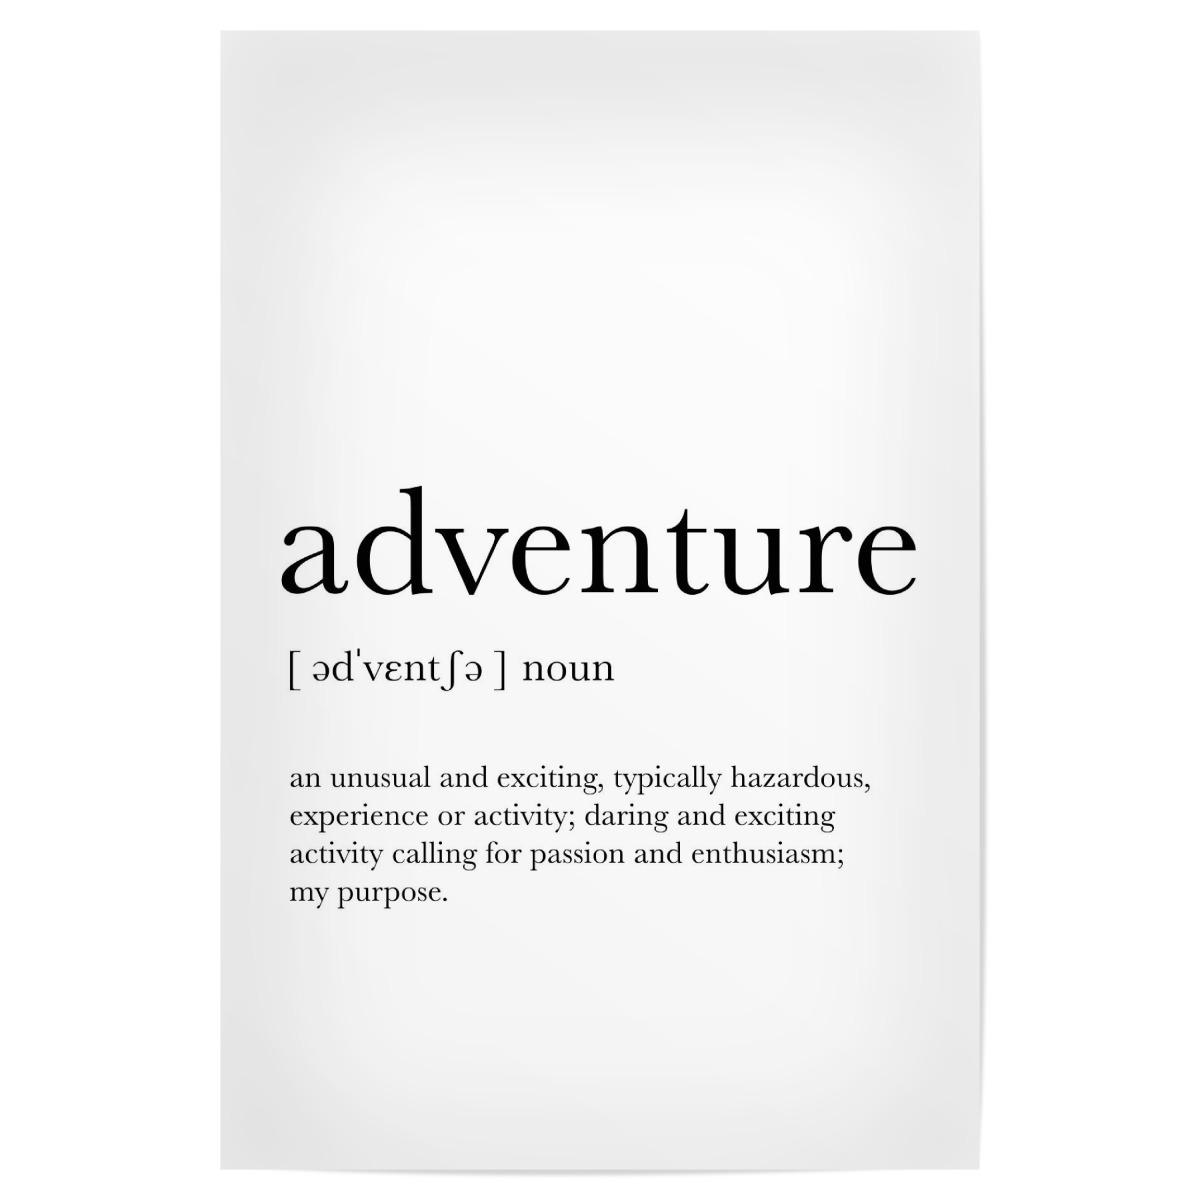 Adventure Definition als Poster bei artboxONE kaufen